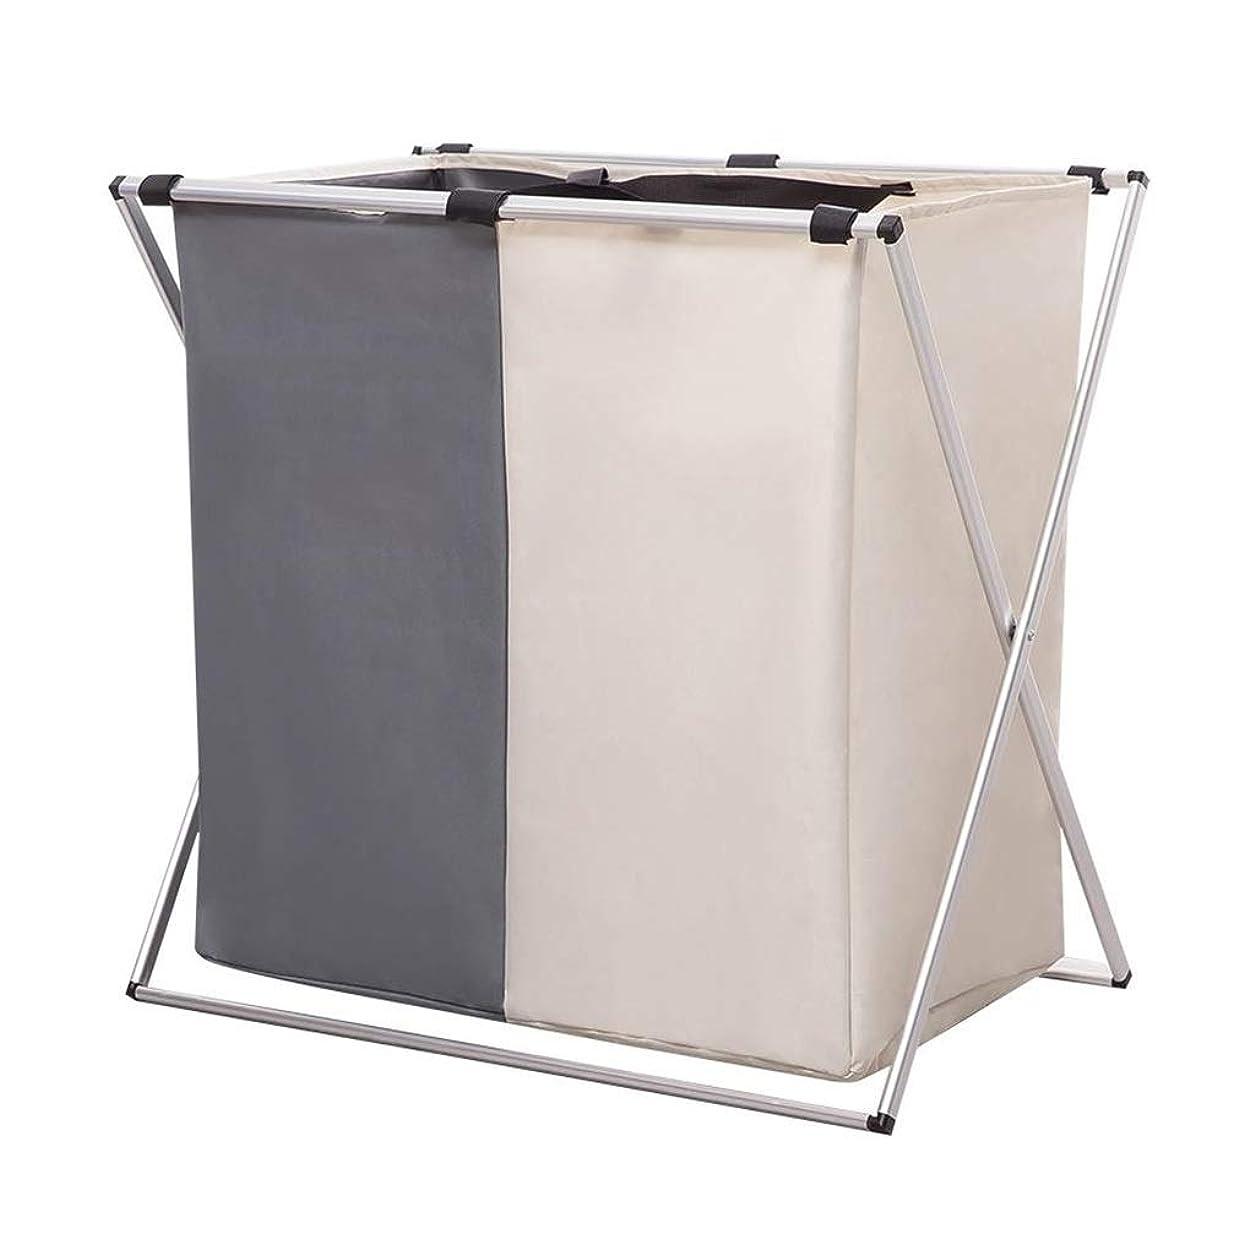 プールミリメートルトマト二重折り畳み式の特大家の防水オックスフォードの布の多機能の貯蔵のバスケット2任意 GBYGDQ (Color : A)